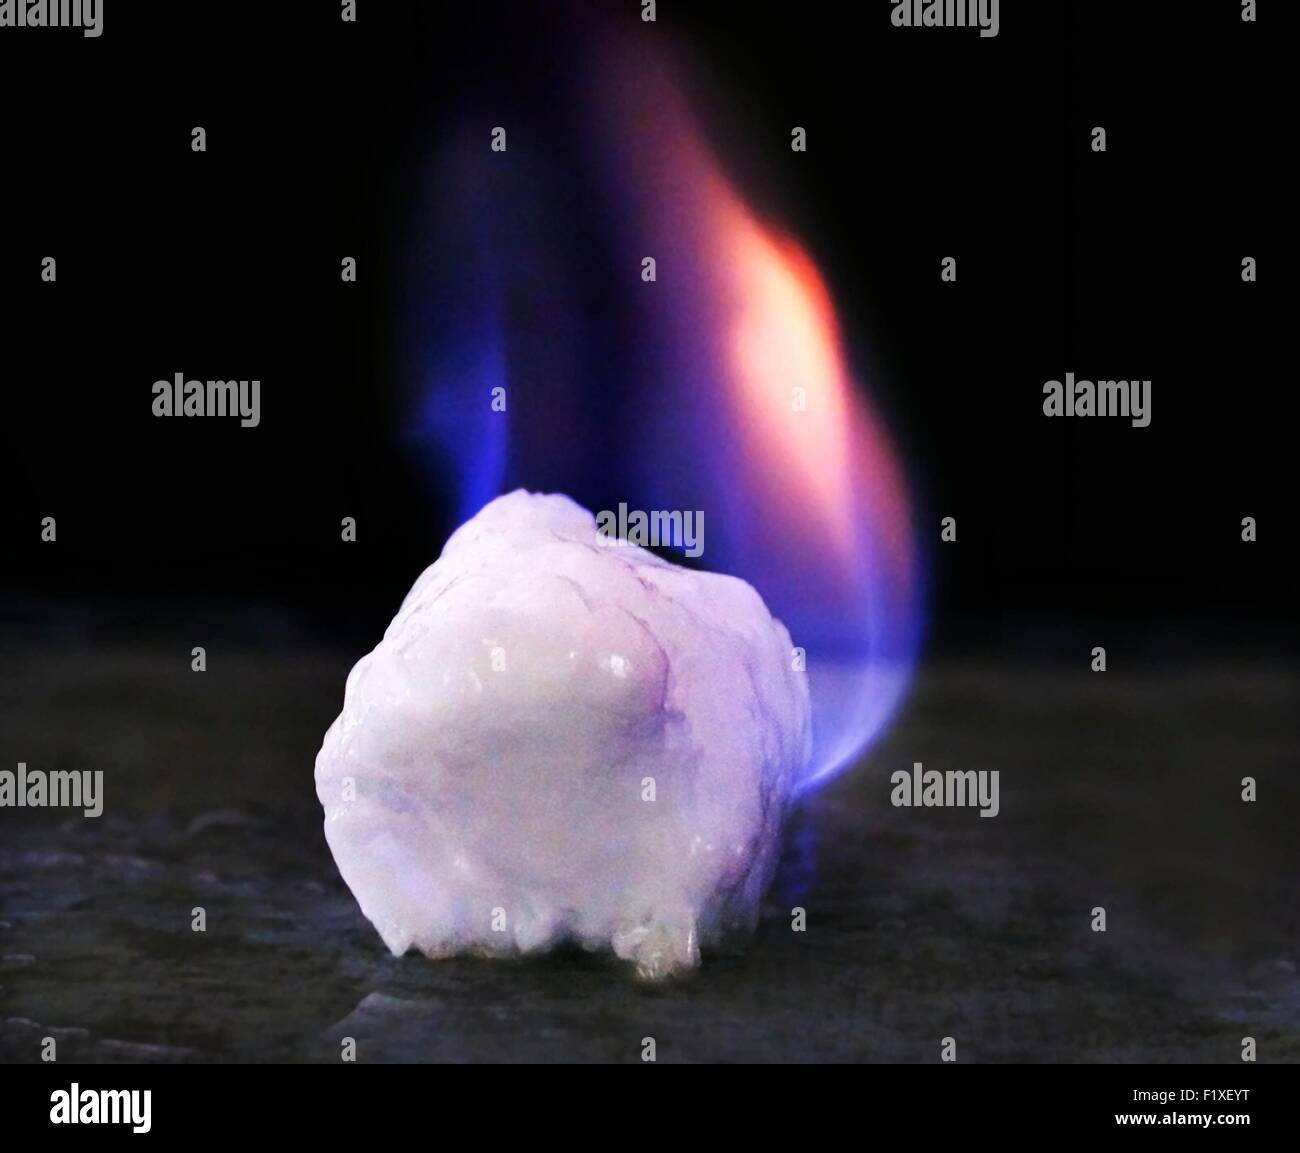 Brûler un morceau d'hydrate de méthane que l'on croit être l'avenir de l'énergie. De l'hydrate de méthane se trouve en grandes quantités sous le pergélisol et les océans du monde entier. Banque D'Images